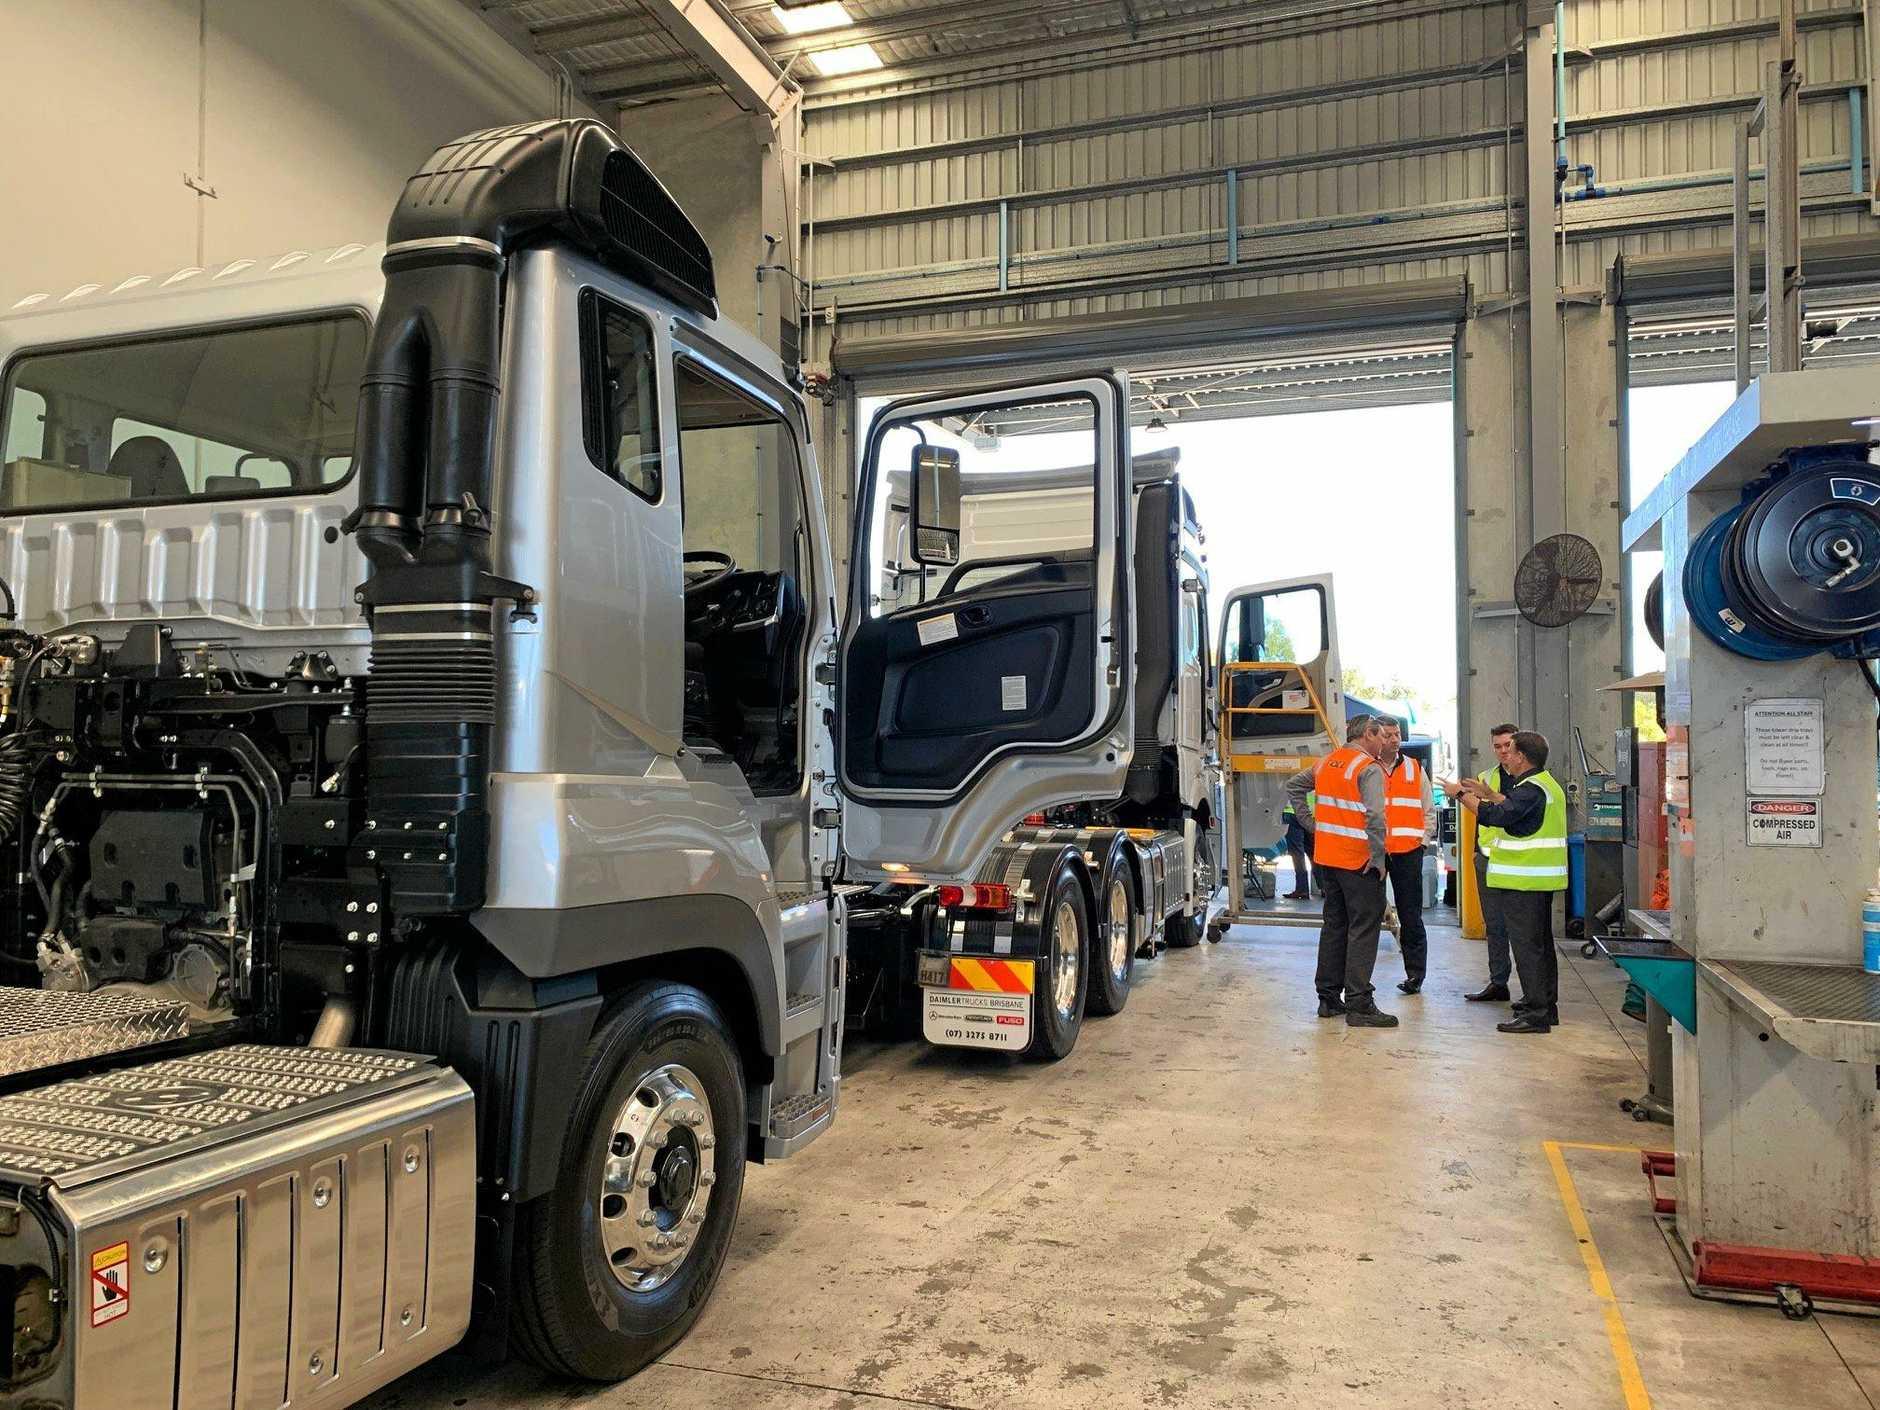 Workshop technicians could examine the trucks at close quarters.